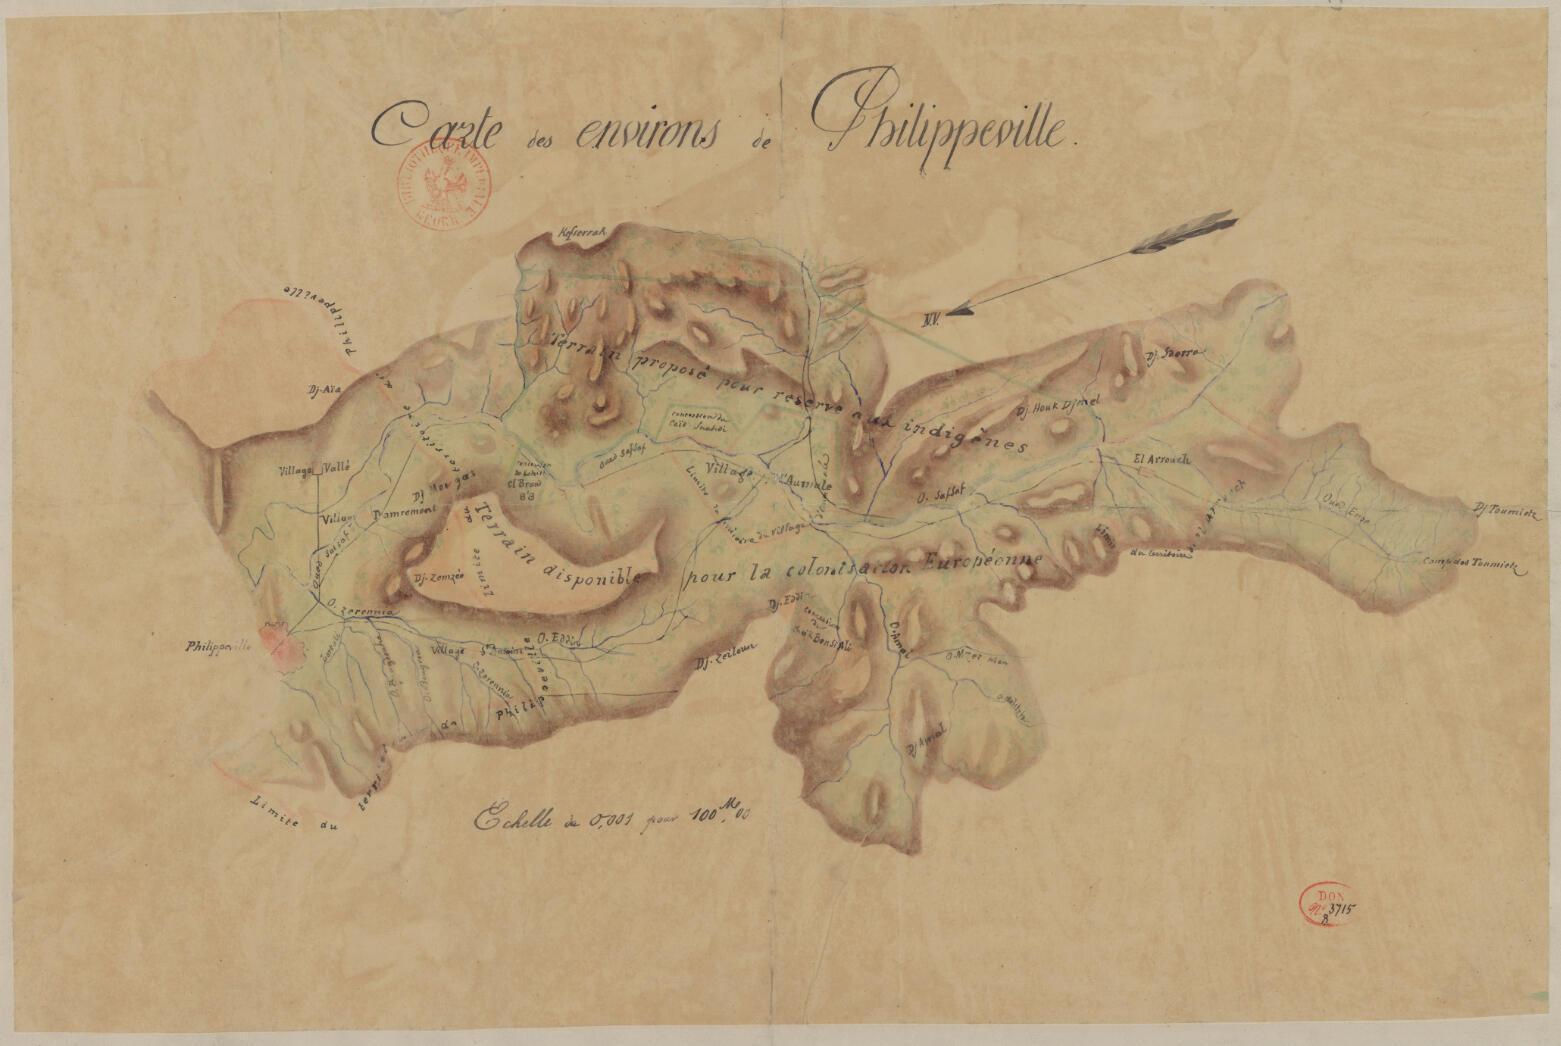 « Carte des environs de Philippeville, terrain proposé pour réserve aux indigènes », vers 1840-1842, carte manuscrite sur calque, 42 x 58 cm. Bibliothèque nationale de France.